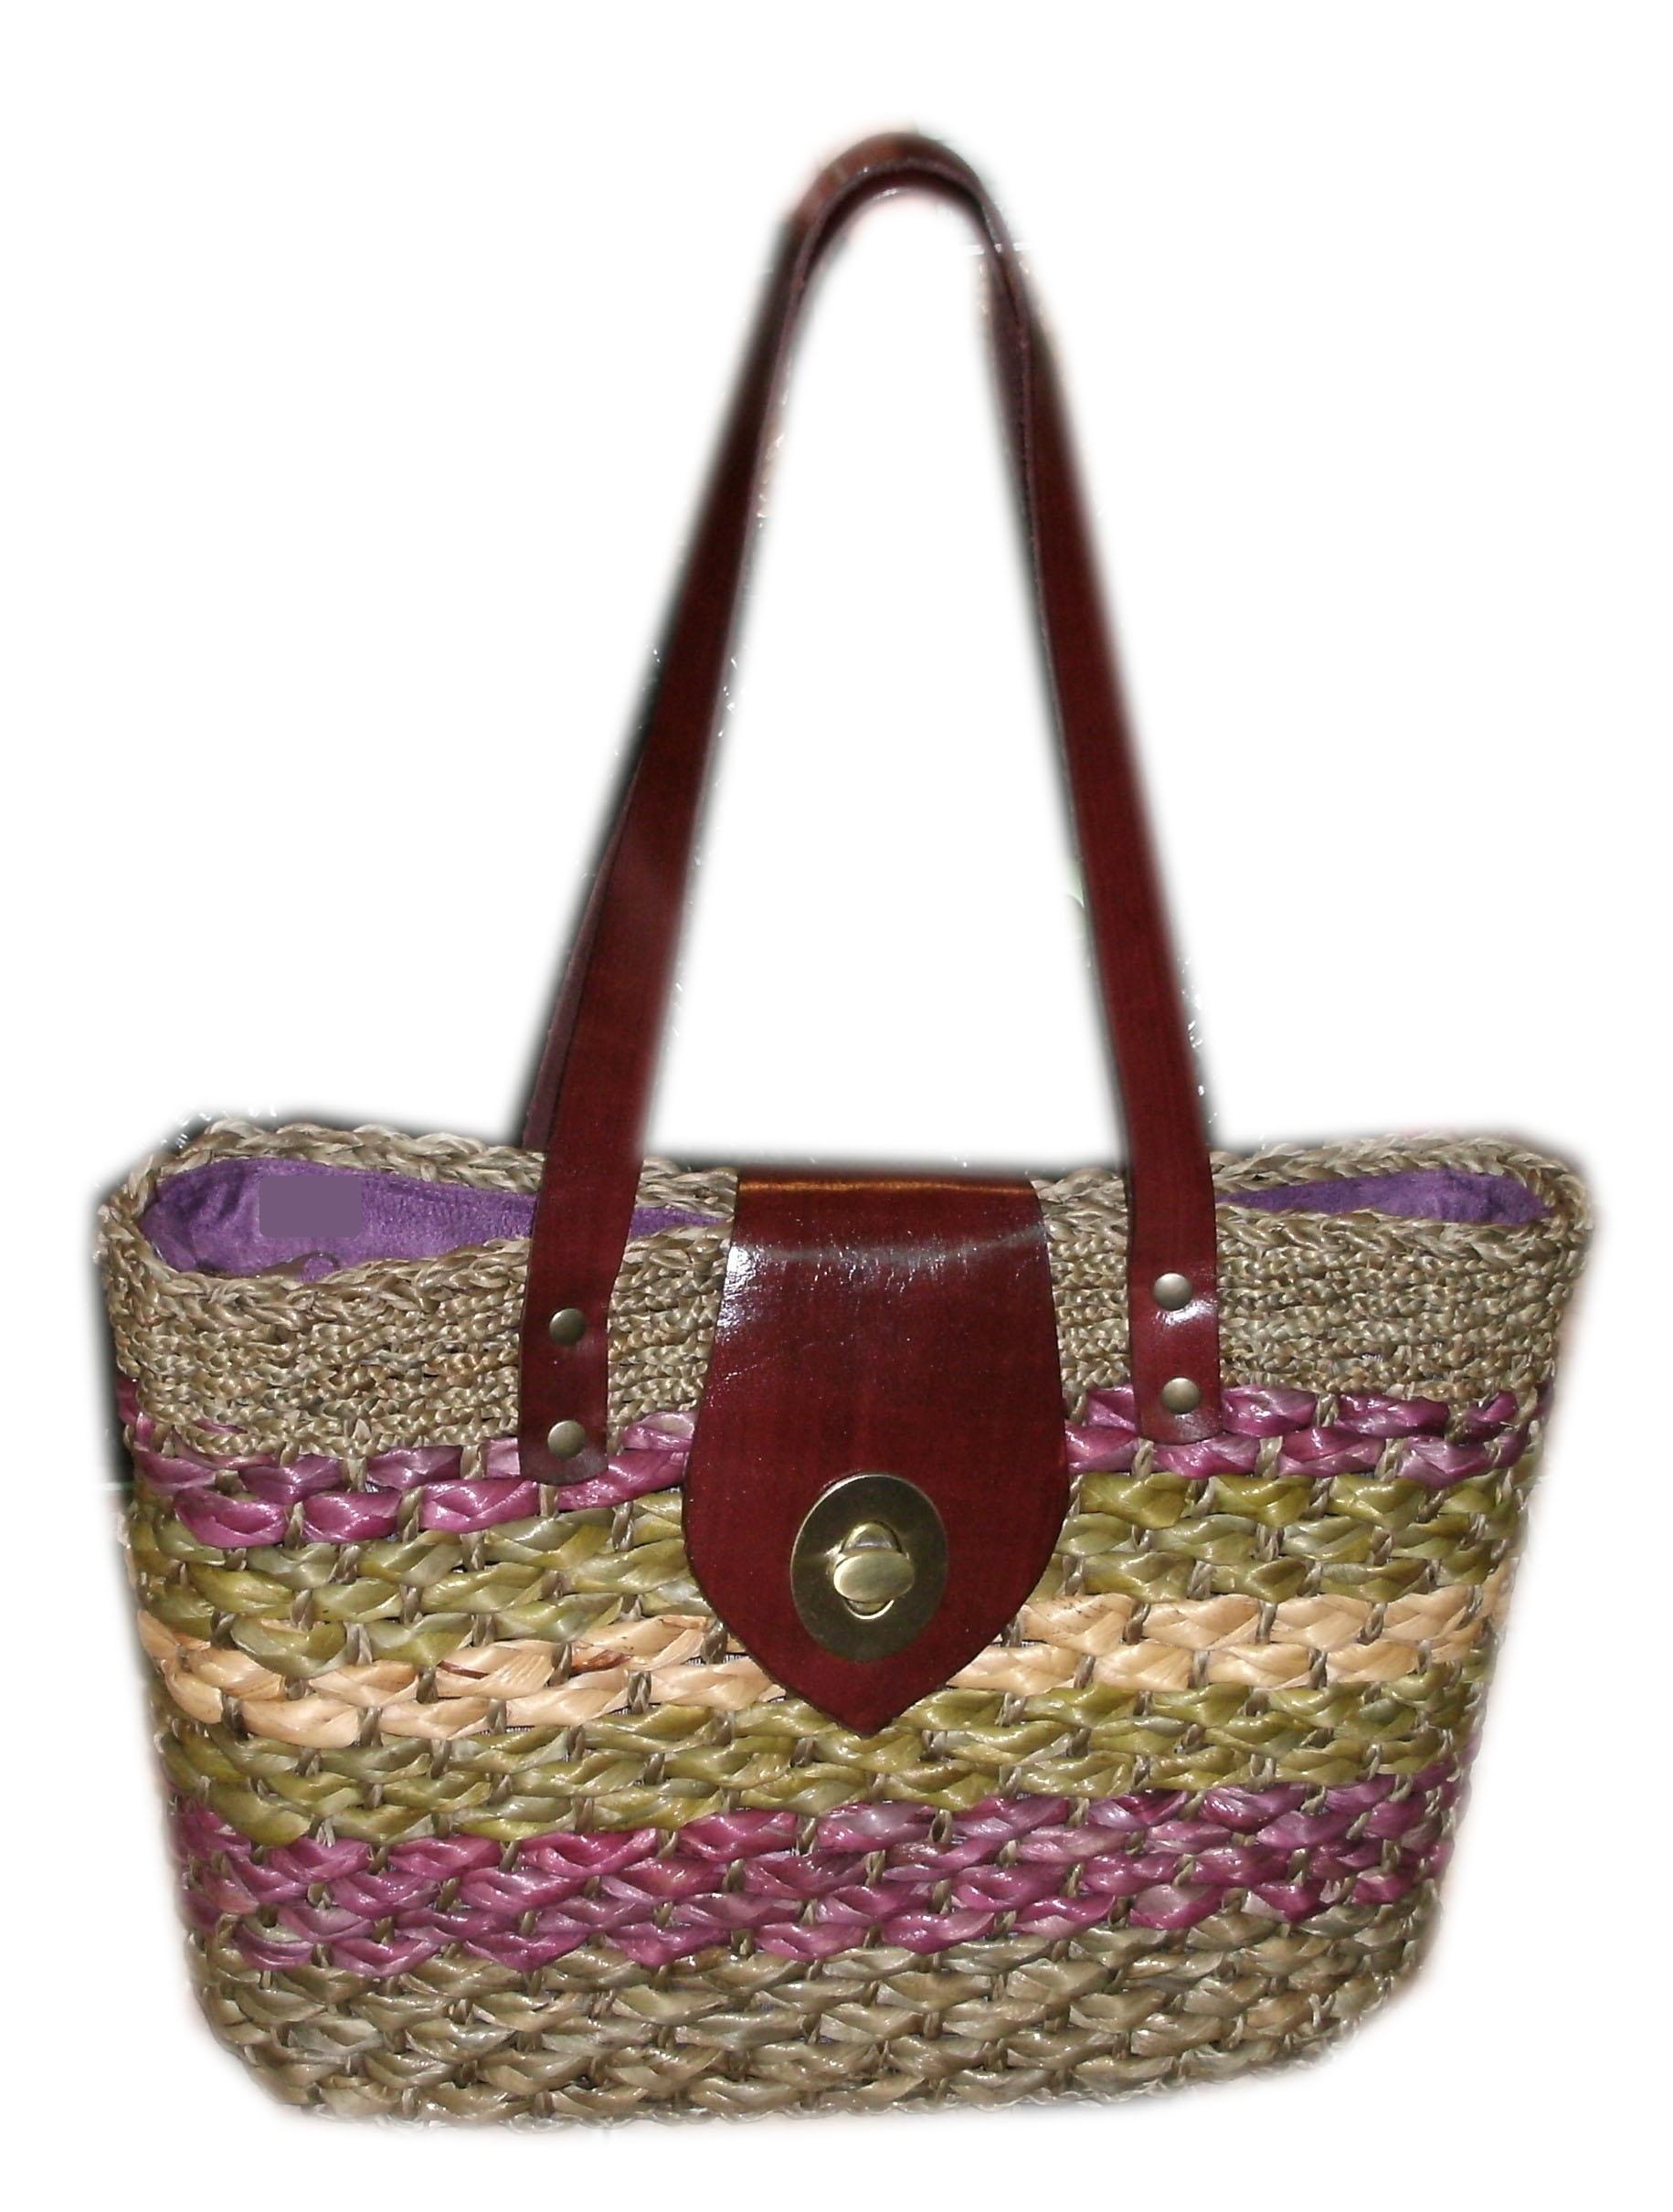 Hyacinth Bag-PPS Bag brand 19